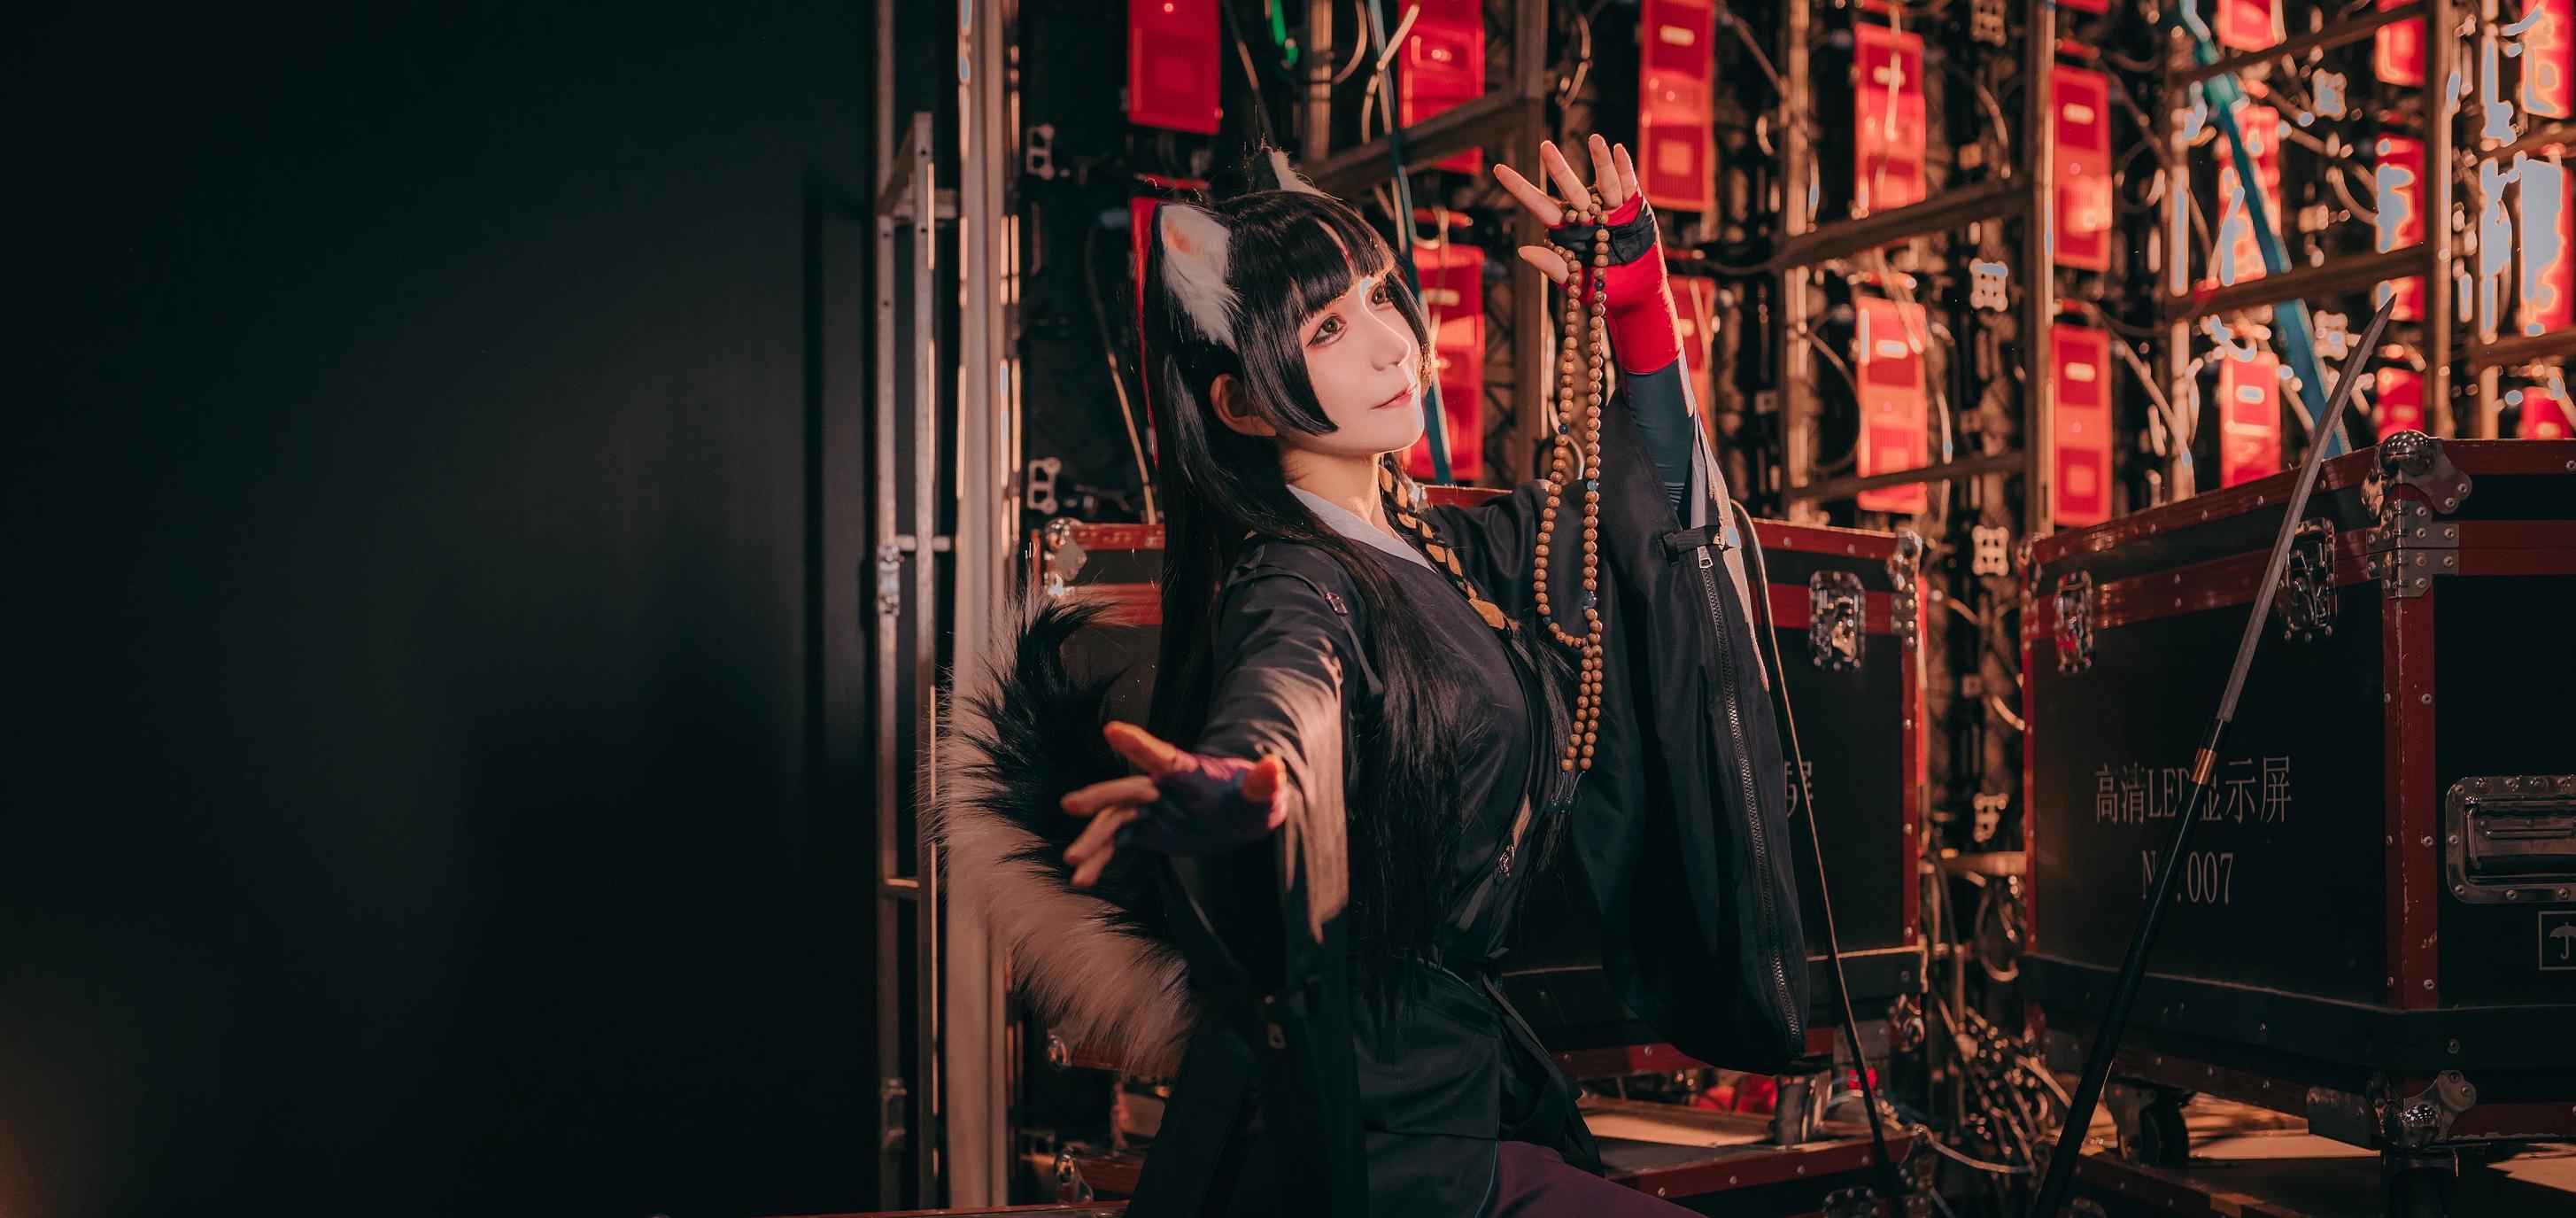 《明日方舟》神还原cosplay【CN:COSER赤瞳_菌】-第2张